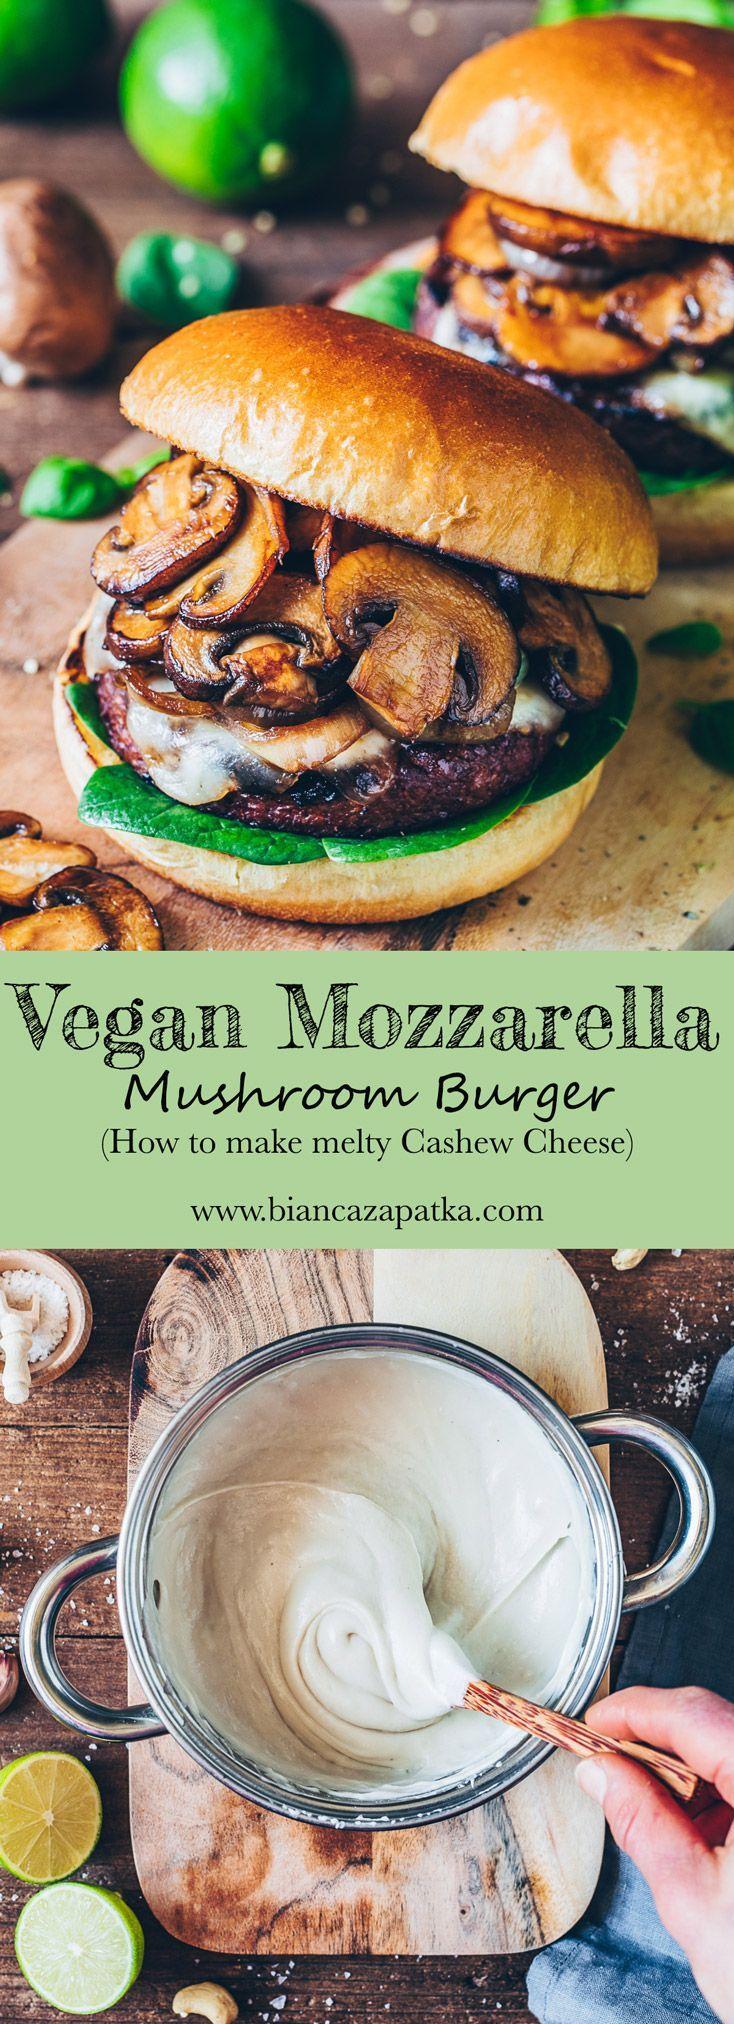 Vegan Mozzarella Mushroom Burger  Bianca Zapatka  Recipes  Vegan Mozzarella Mushroom Burger